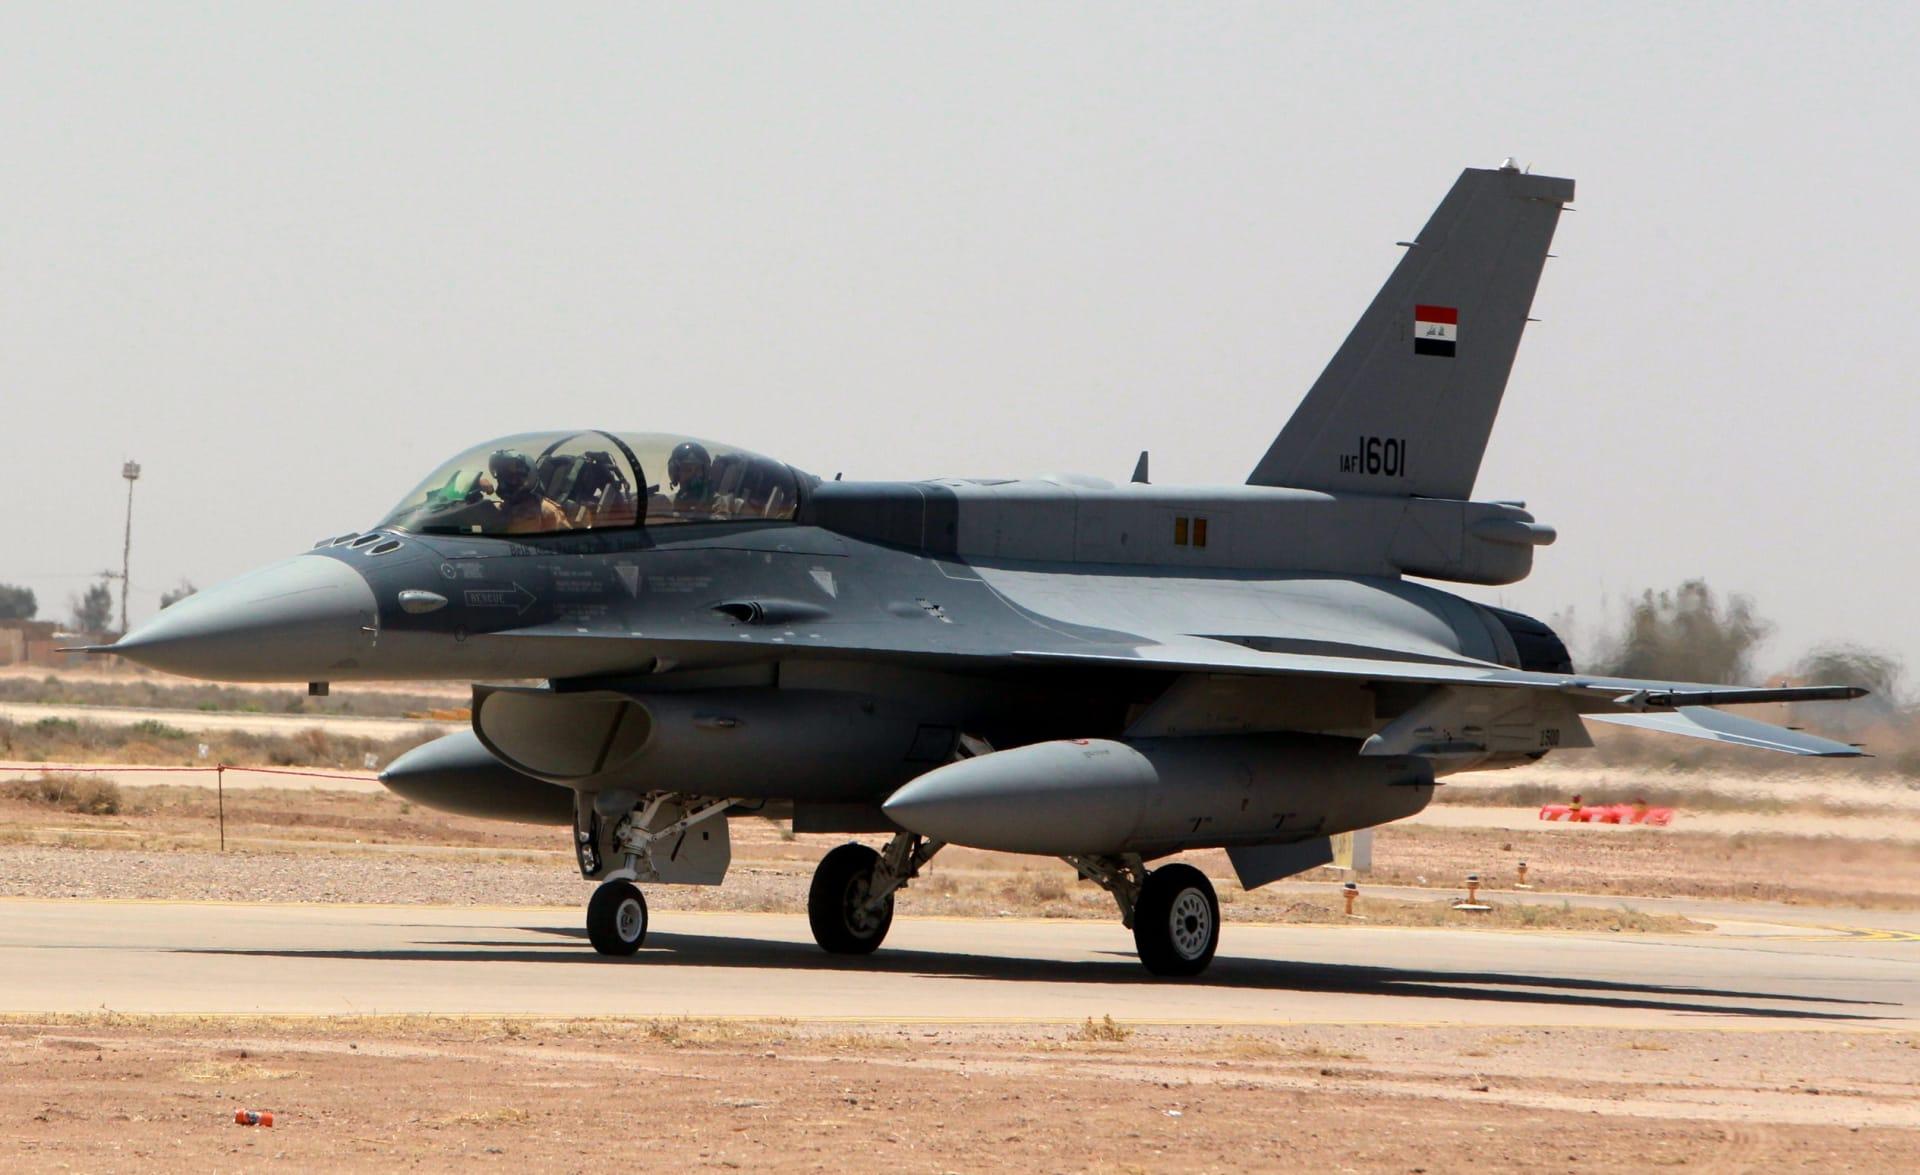 إحدى الطائرتين المقاتلتين F-16 اللتين تم تسليمهما من الولايات المتحدة على مدرج المطار في قاعدة بلد الجوية العراقية في 20 يوليو 2015